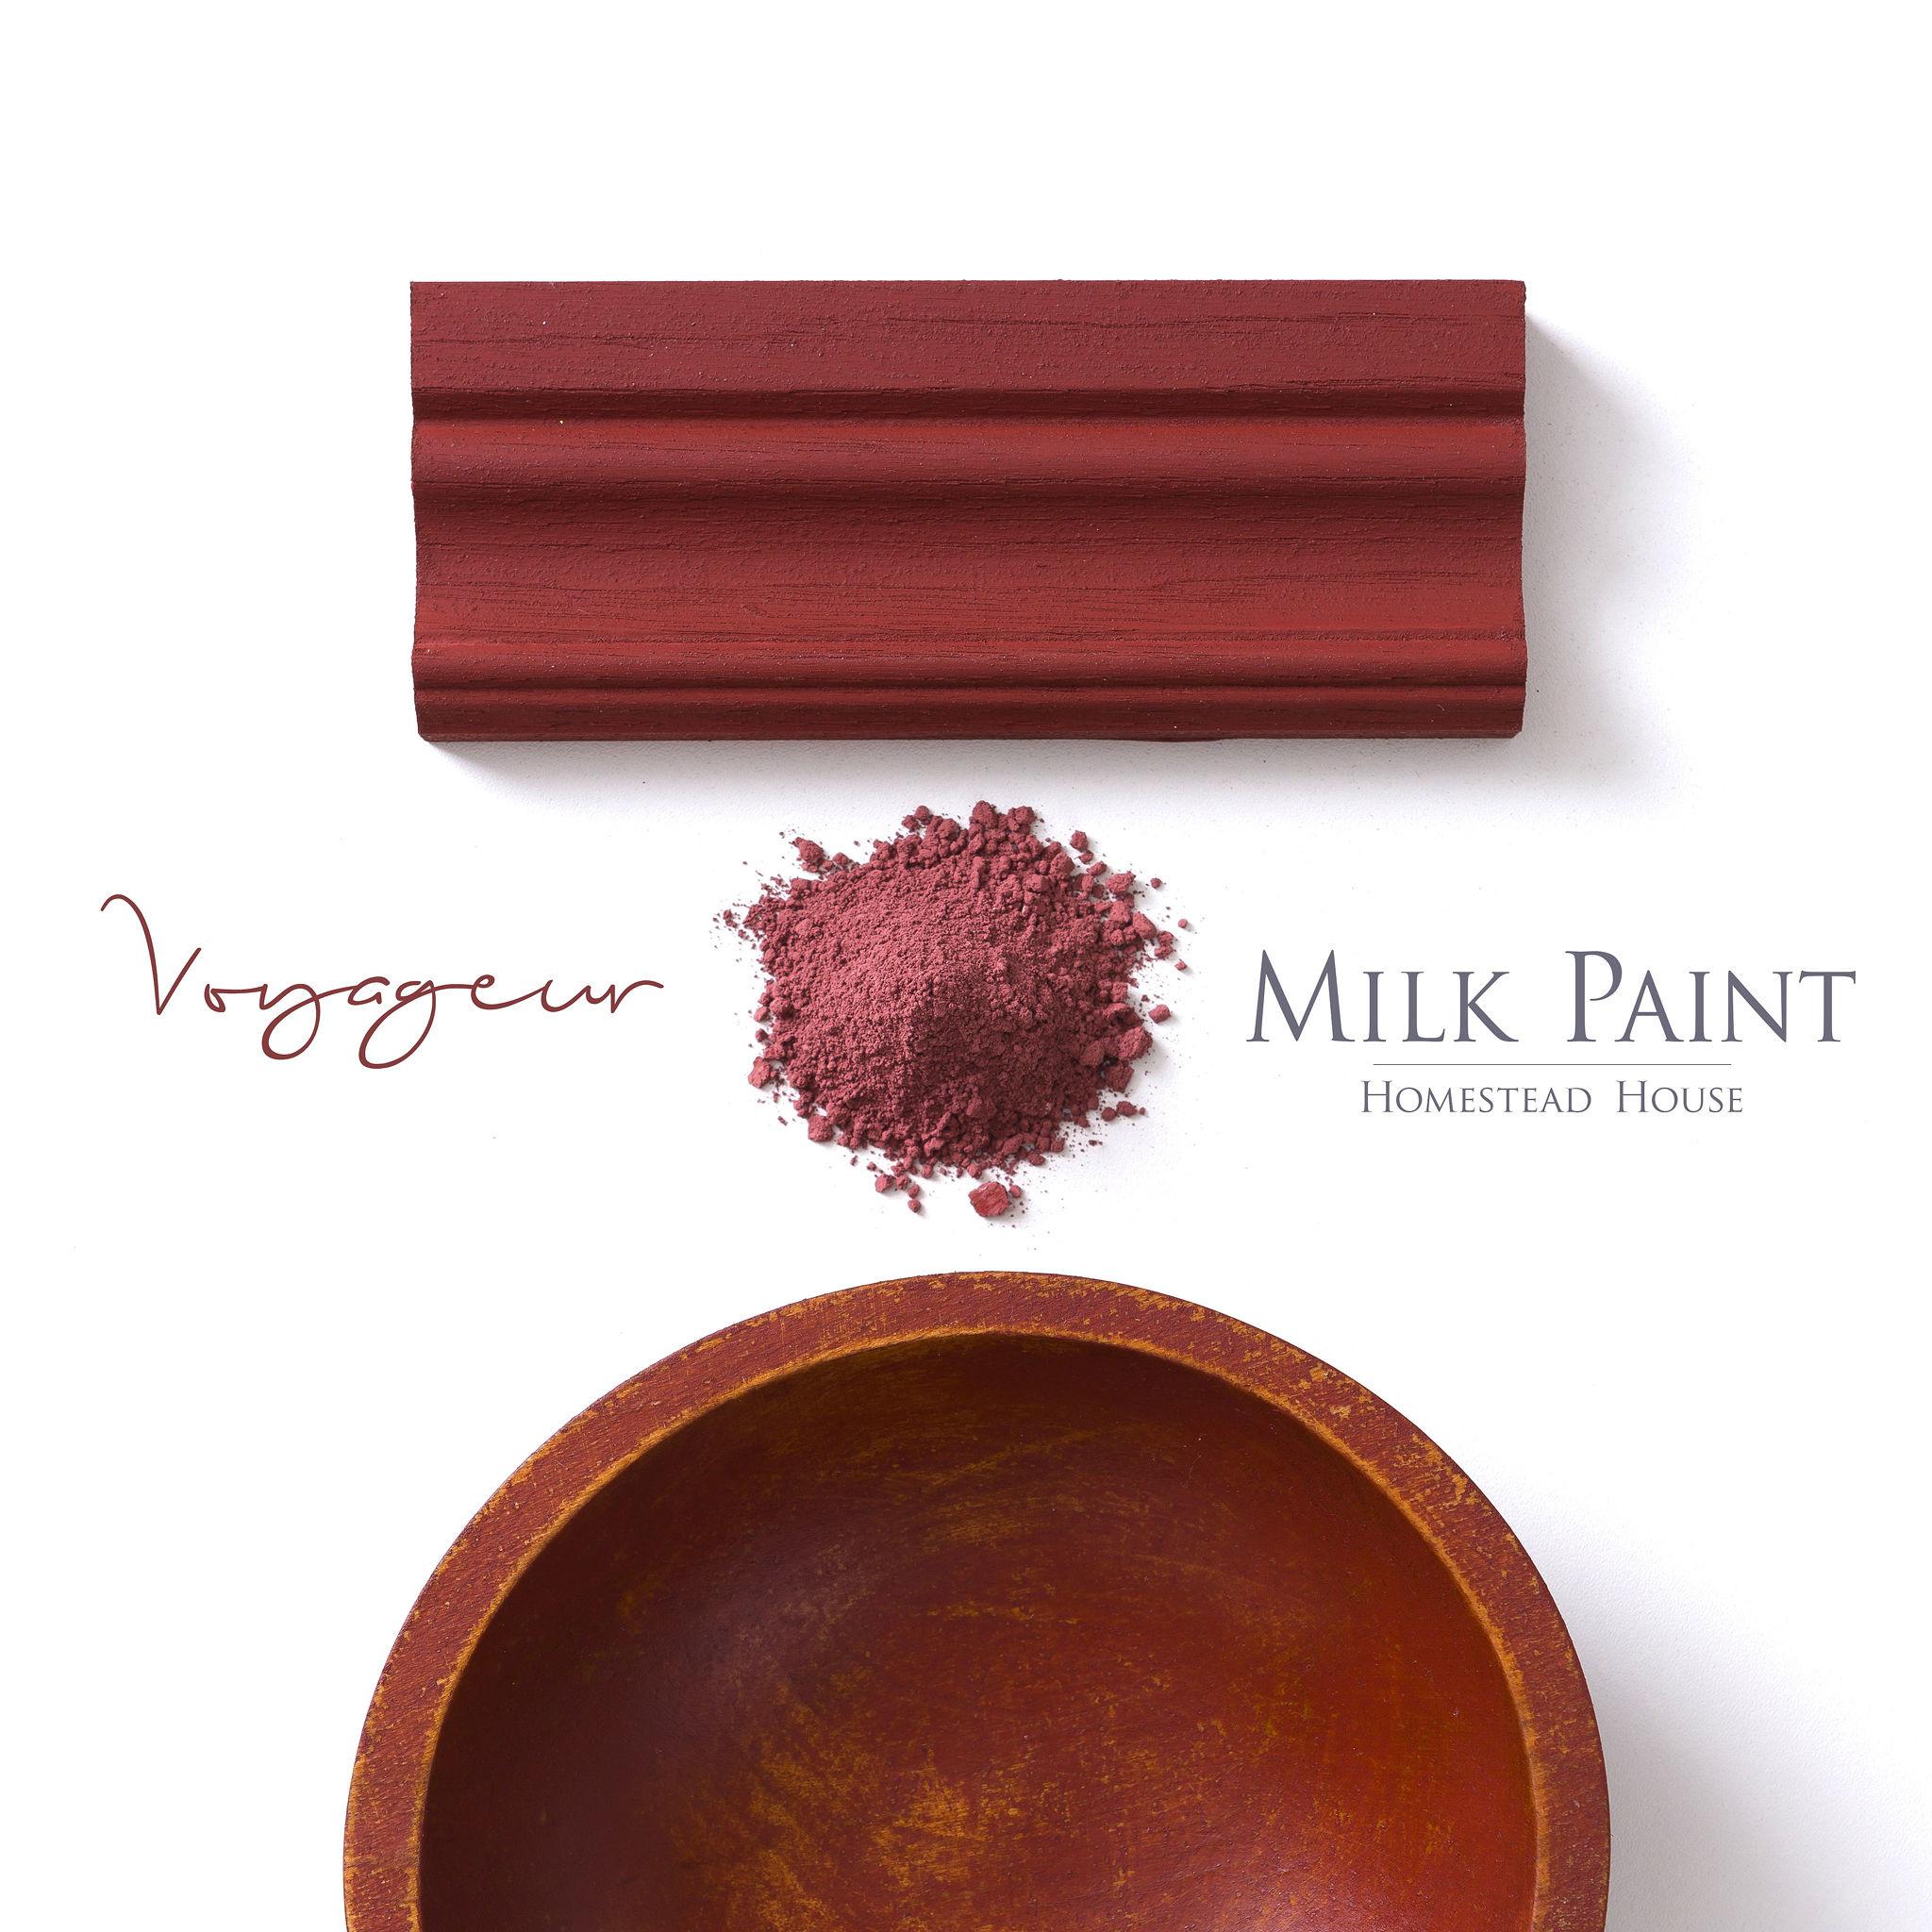 Homestead House HH - Milk Paint - Voyageur - 230gr